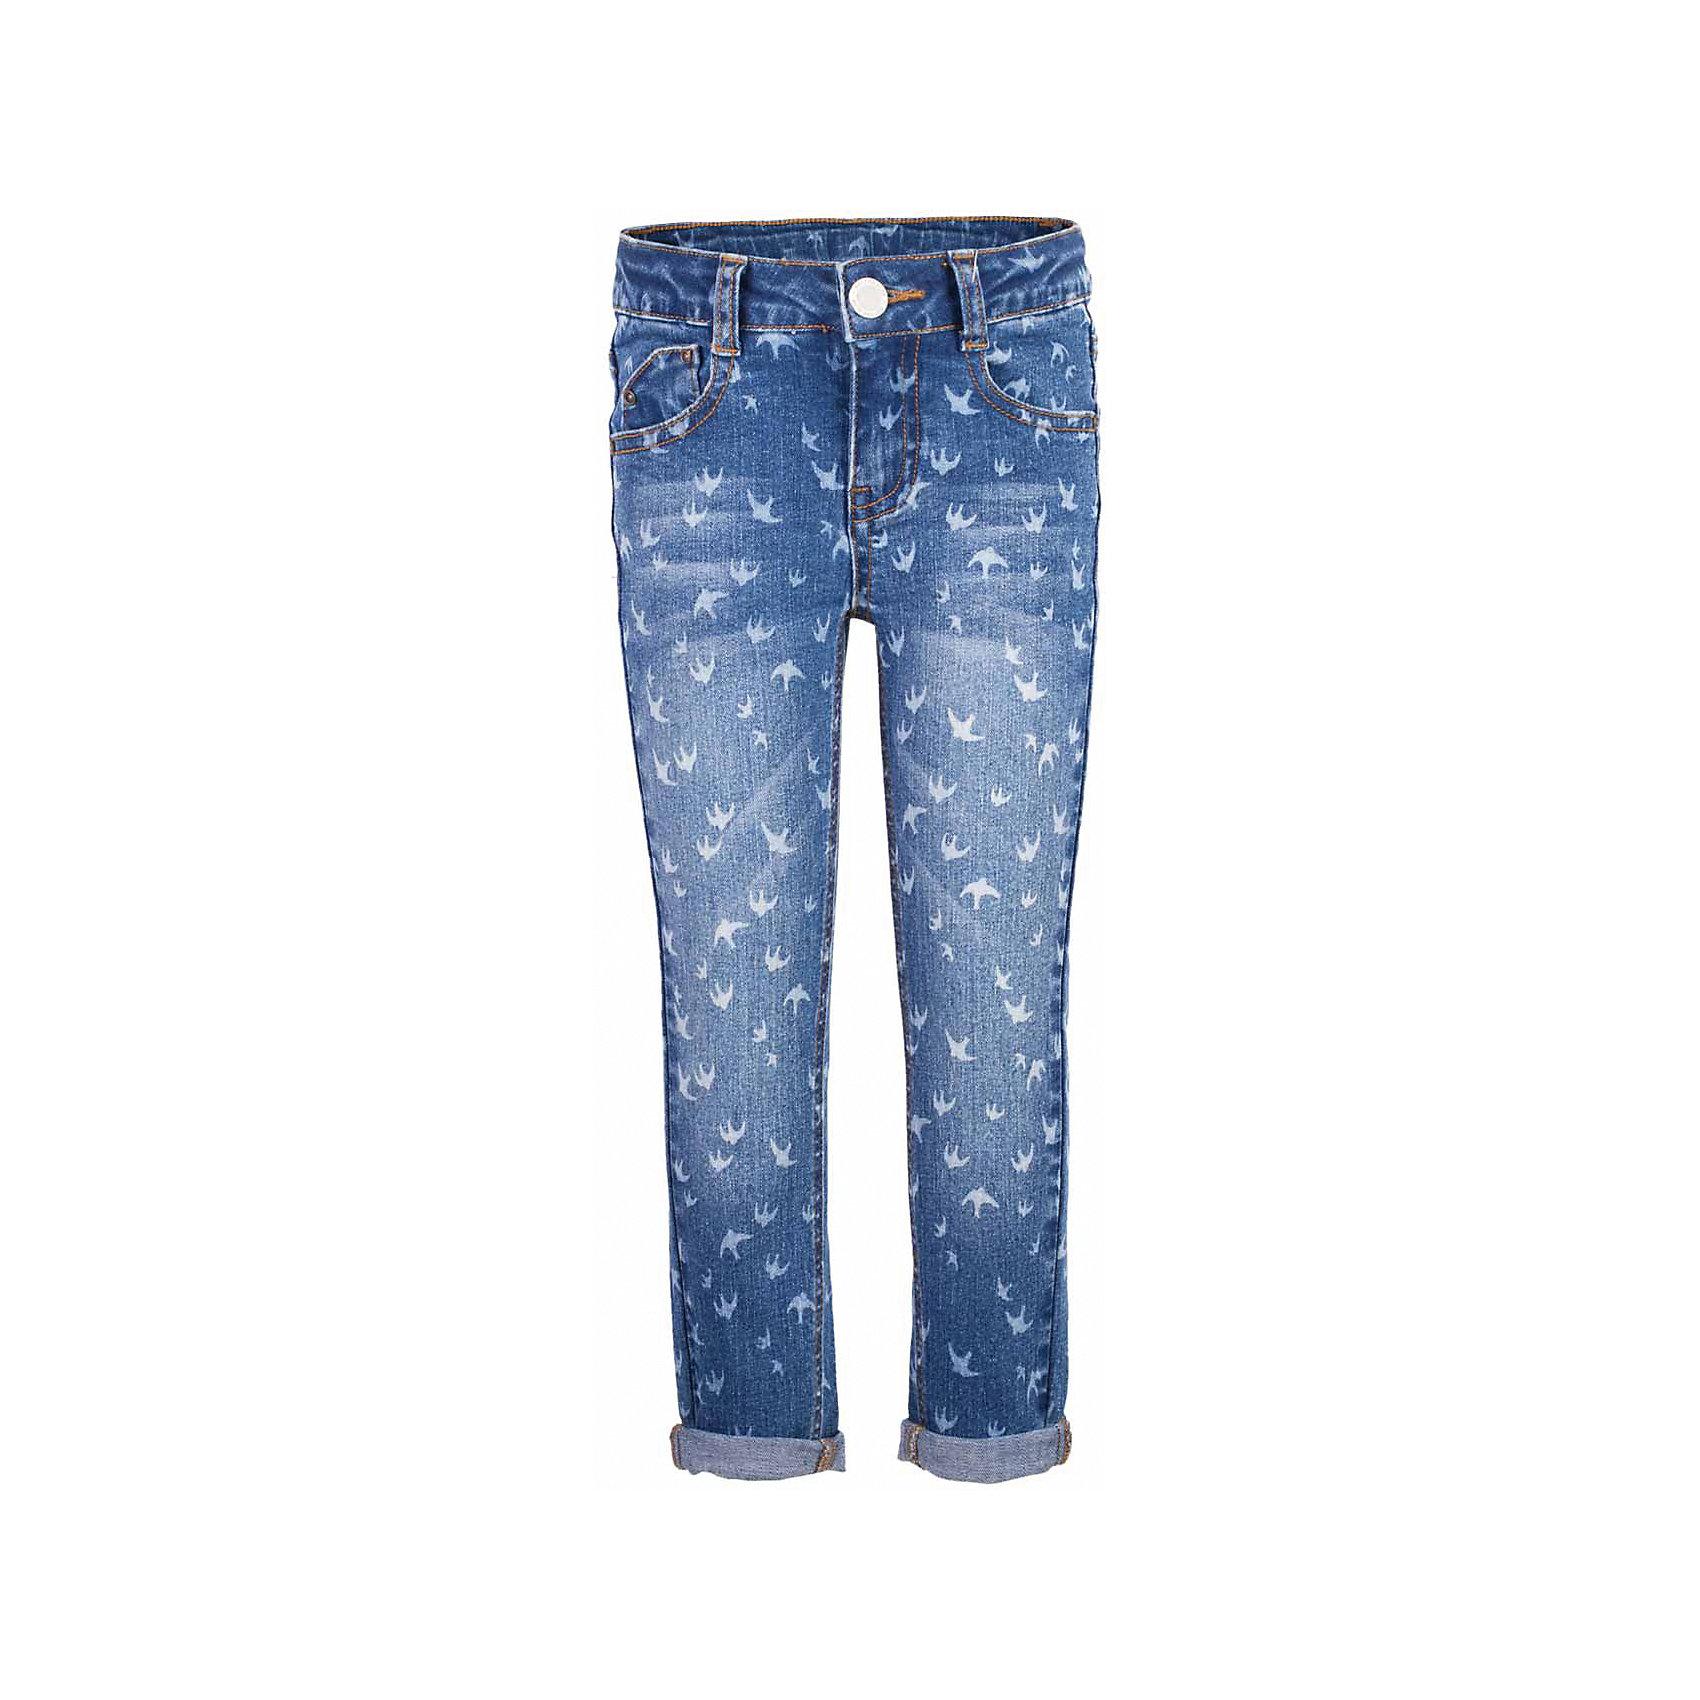 Джинсы для девочки  BUTTON BLUEДжинсовая одежда<br>Джинсы для девочки  BUTTON BLUE<br>Классные голубые джинсы с рисунком — гарантия модного современного образа! Хороший крой,  удобная посадка на фигуре подарят девочке комфорт и свободу движений. Если вы хотите купить ребенку недорогие джинсы облегающего силуэта, модель от Button Blue - прекрасный выбор!<br>Состав:<br>99% хлопок 1%эластан<br><br>Ширина мм: 215<br>Глубина мм: 88<br>Высота мм: 191<br>Вес г: 336<br>Цвет: голубой<br>Возраст от месяцев: 24<br>Возраст до месяцев: 36<br>Пол: Женский<br>Возраст: Детский<br>Размер: 98,146,140,134,128,122,116,158,110,104,152<br>SKU: 5523688